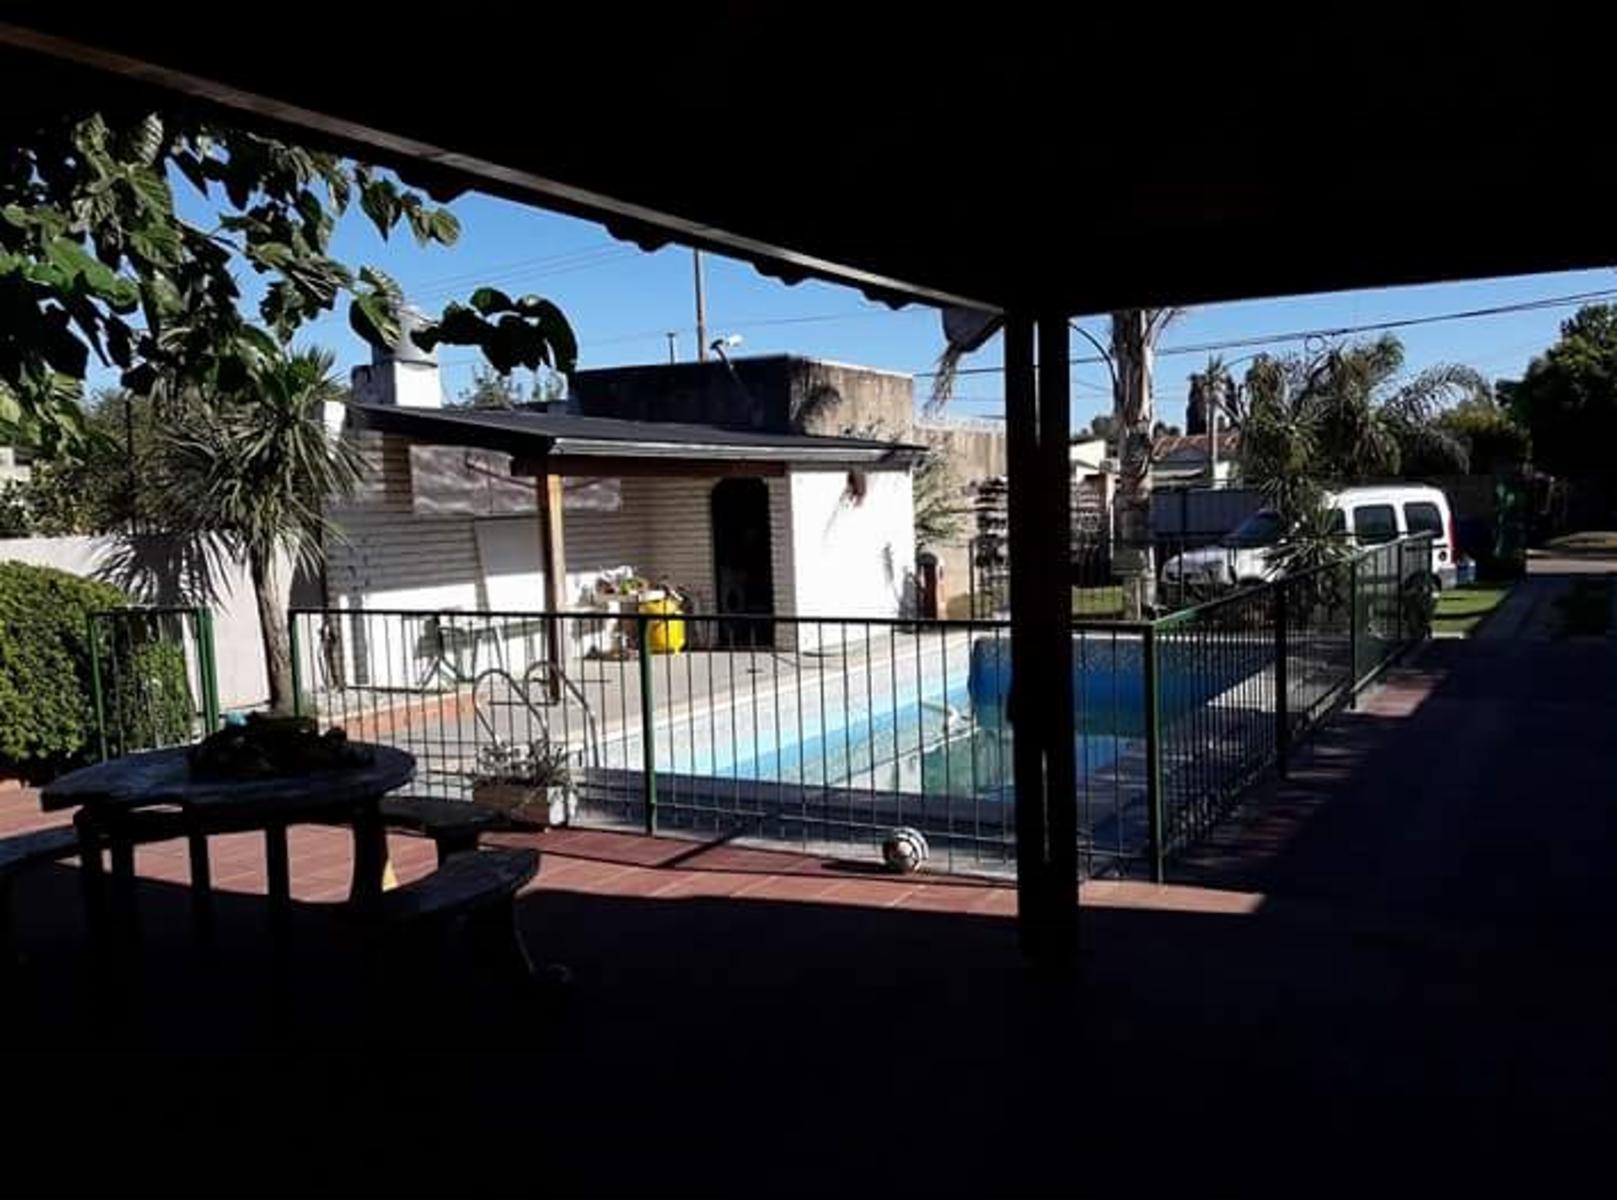 EN VENTA CASA VILLA ALONSO NORTE, Guillermo Sanchez Desarrollos Inmobiliarios